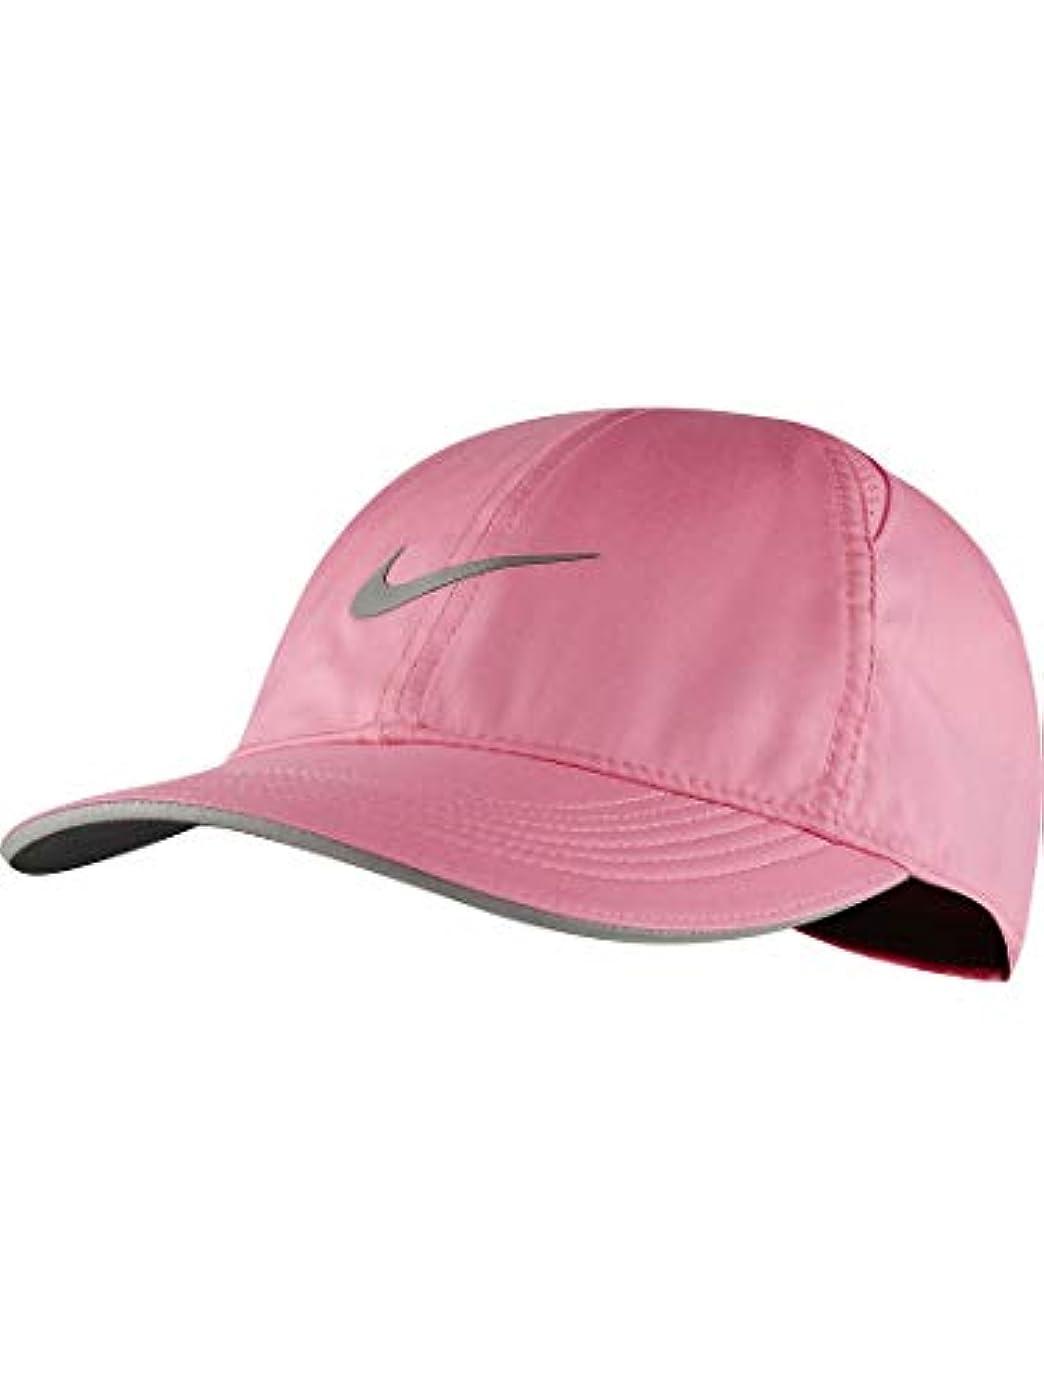 晴れビルダーレンドナイキ ランニング キャップ ナイキ ウィメンズ フェザーライト ラン キャップ AR2028-607 ピンク レディース 帽子 ぼうし PINK FA20 (PINK GLOW, F)